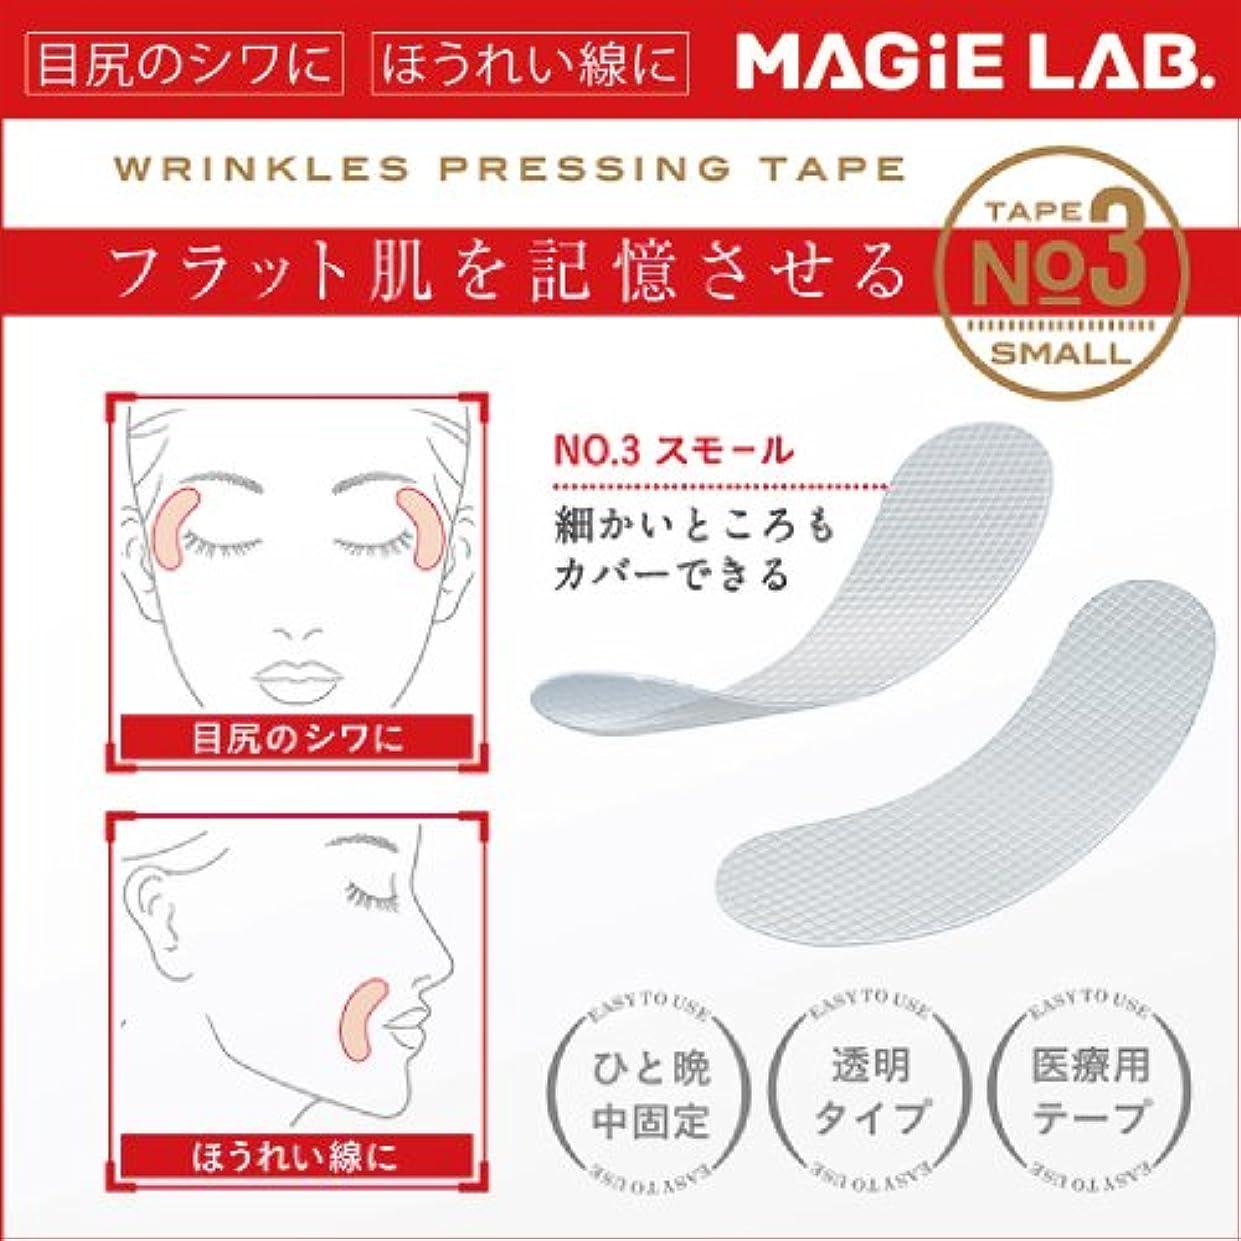 法的酸度くぼみMAGiE LAB.(マジラボ) 細かいところもカバー お休み中のしわ伸ばしテープ No.3スモールタイプ MG22117